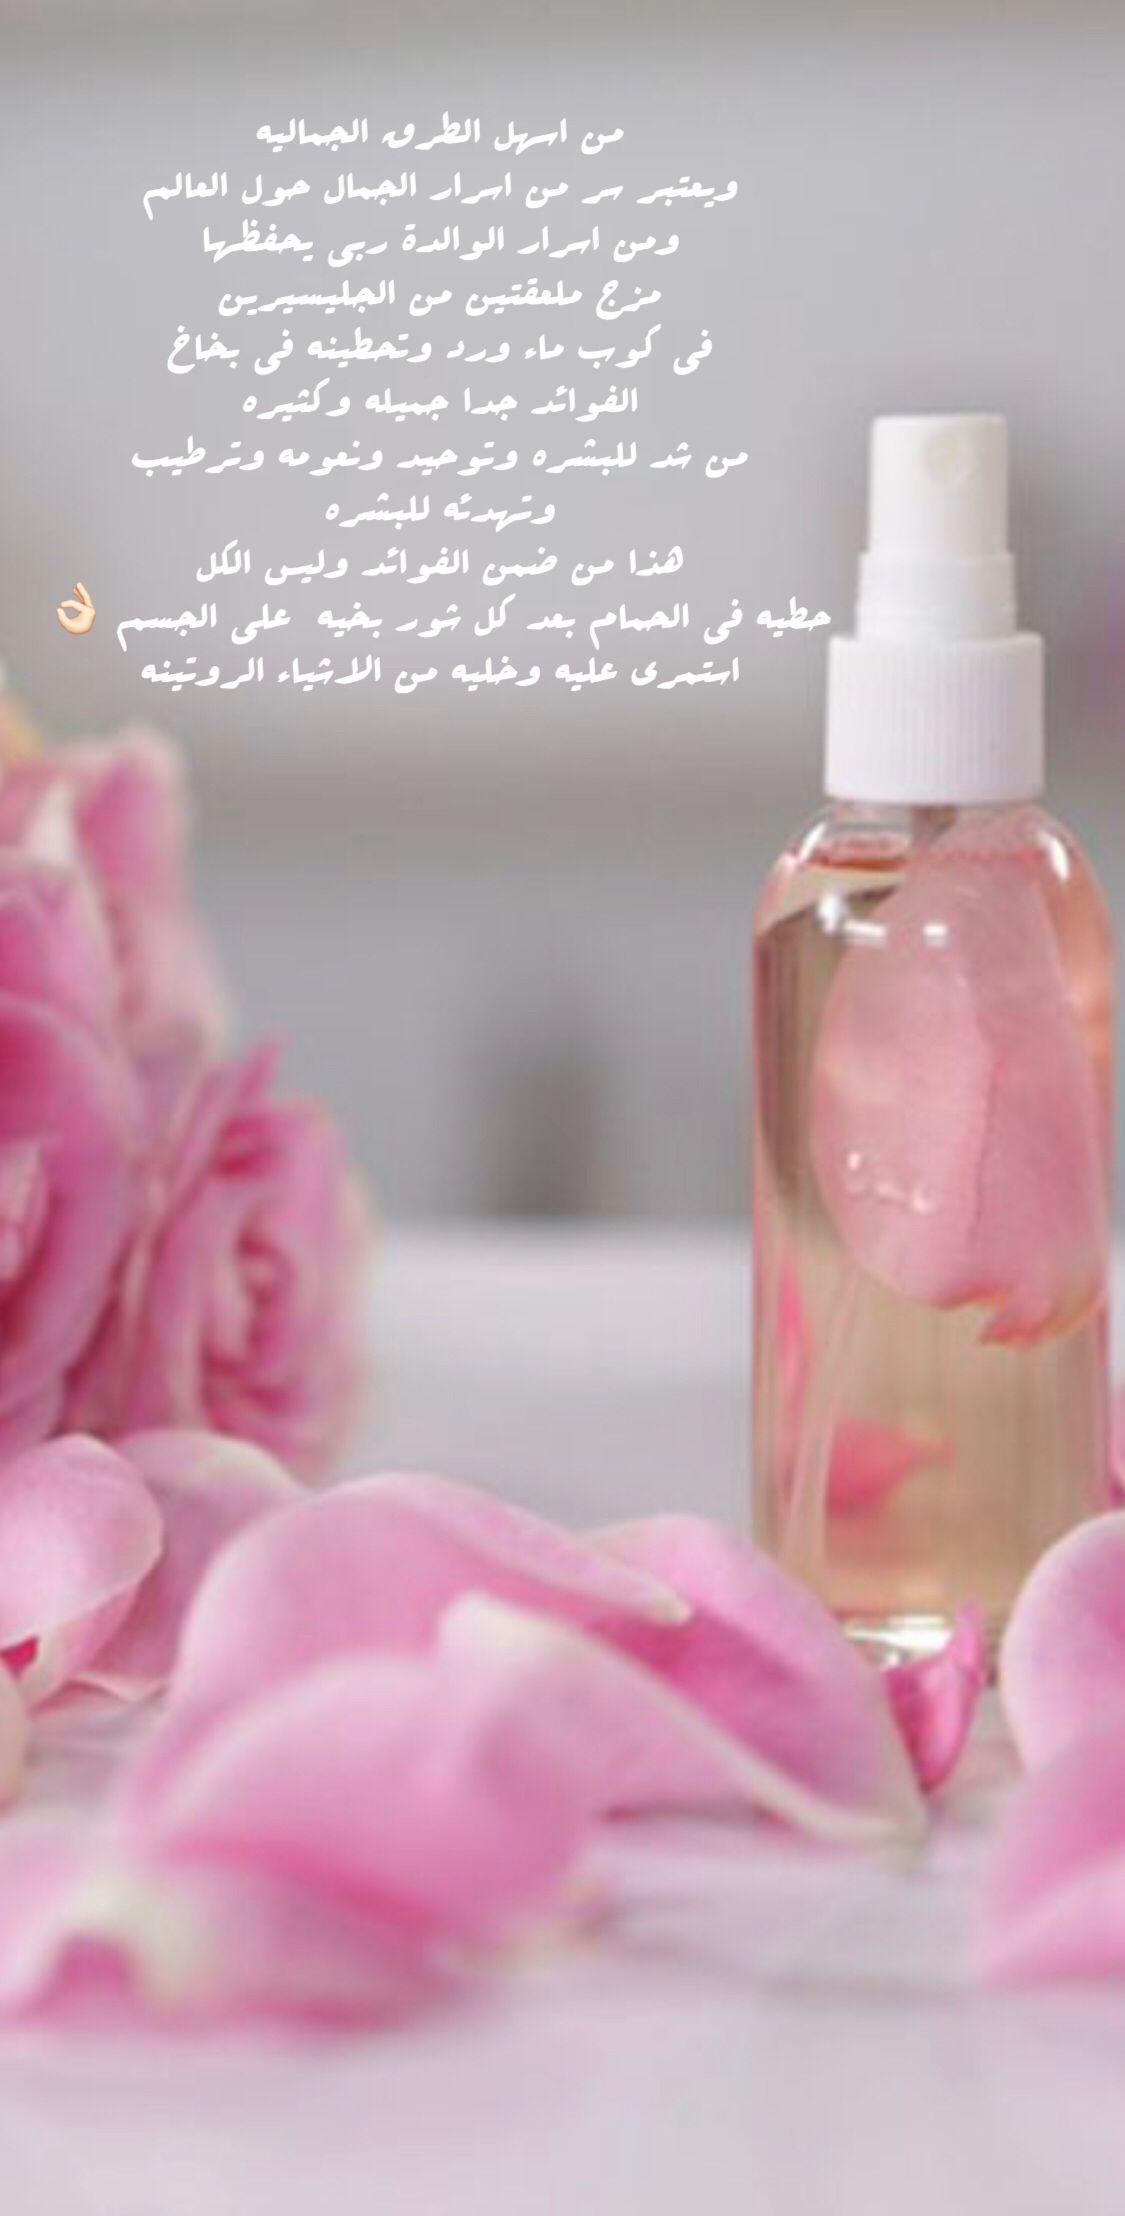 جمال نصائح البشرة صباح الخير خبرات Beauty Skincare Beauty Skin Care Routine Pretty Skin Care Natural Skin Care Diy